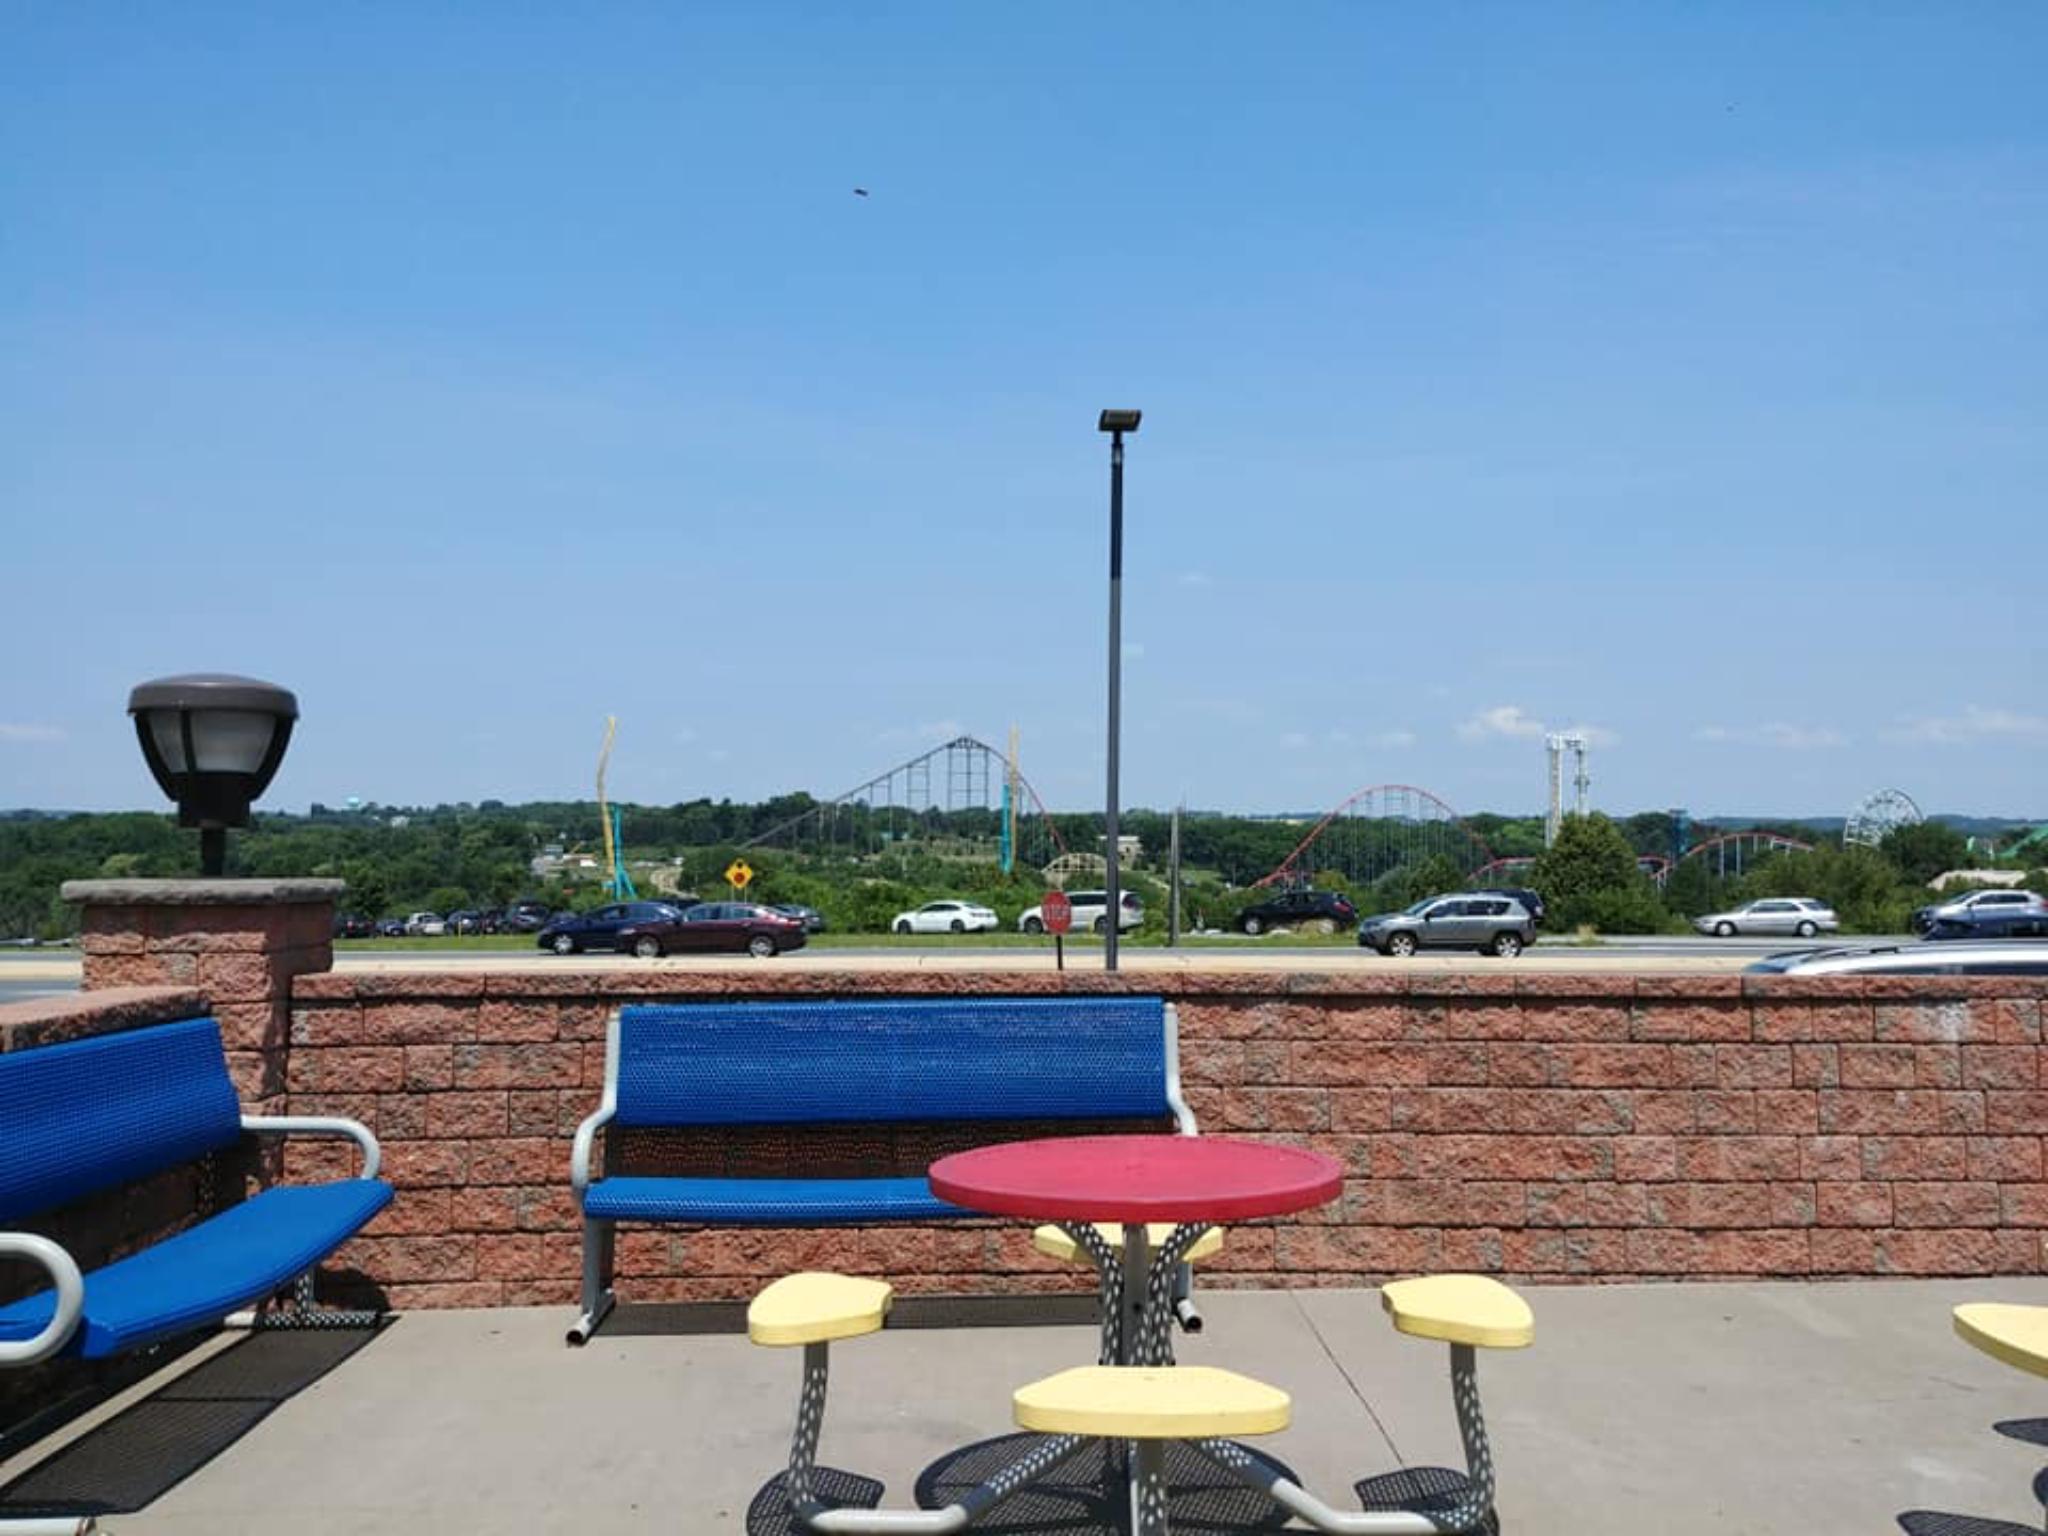 Allentown, Pennsylvania (United States)